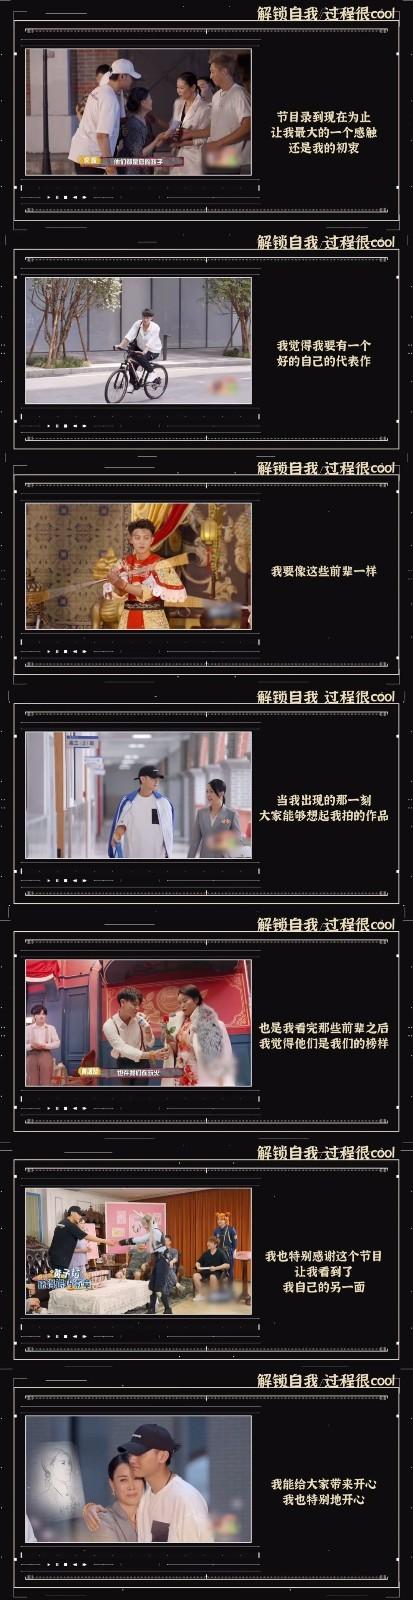 """黄子韬《萌探探探案》 霸榜""""综艺小神兽""""再认证"""